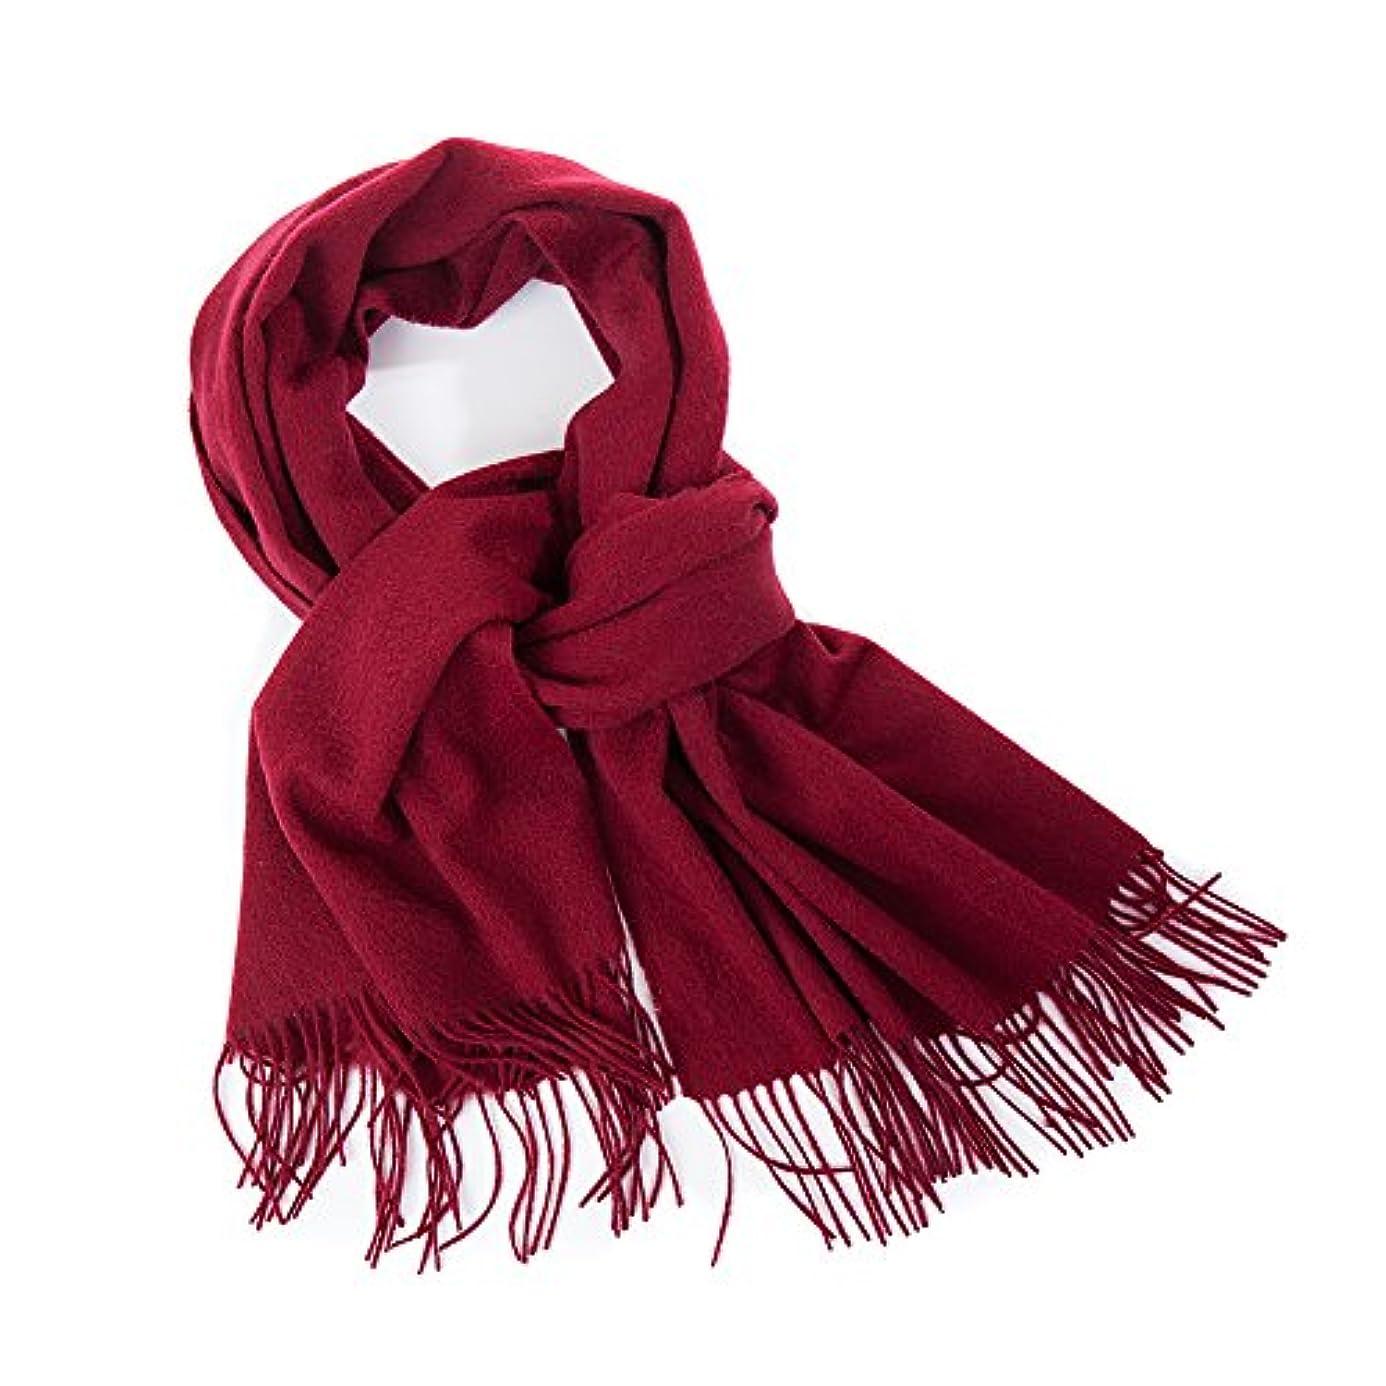 抑圧乳ハプニングカシミヤショール カシミヤマフラー -Mishine ソリッドカラーの女性スカーフ?ショール